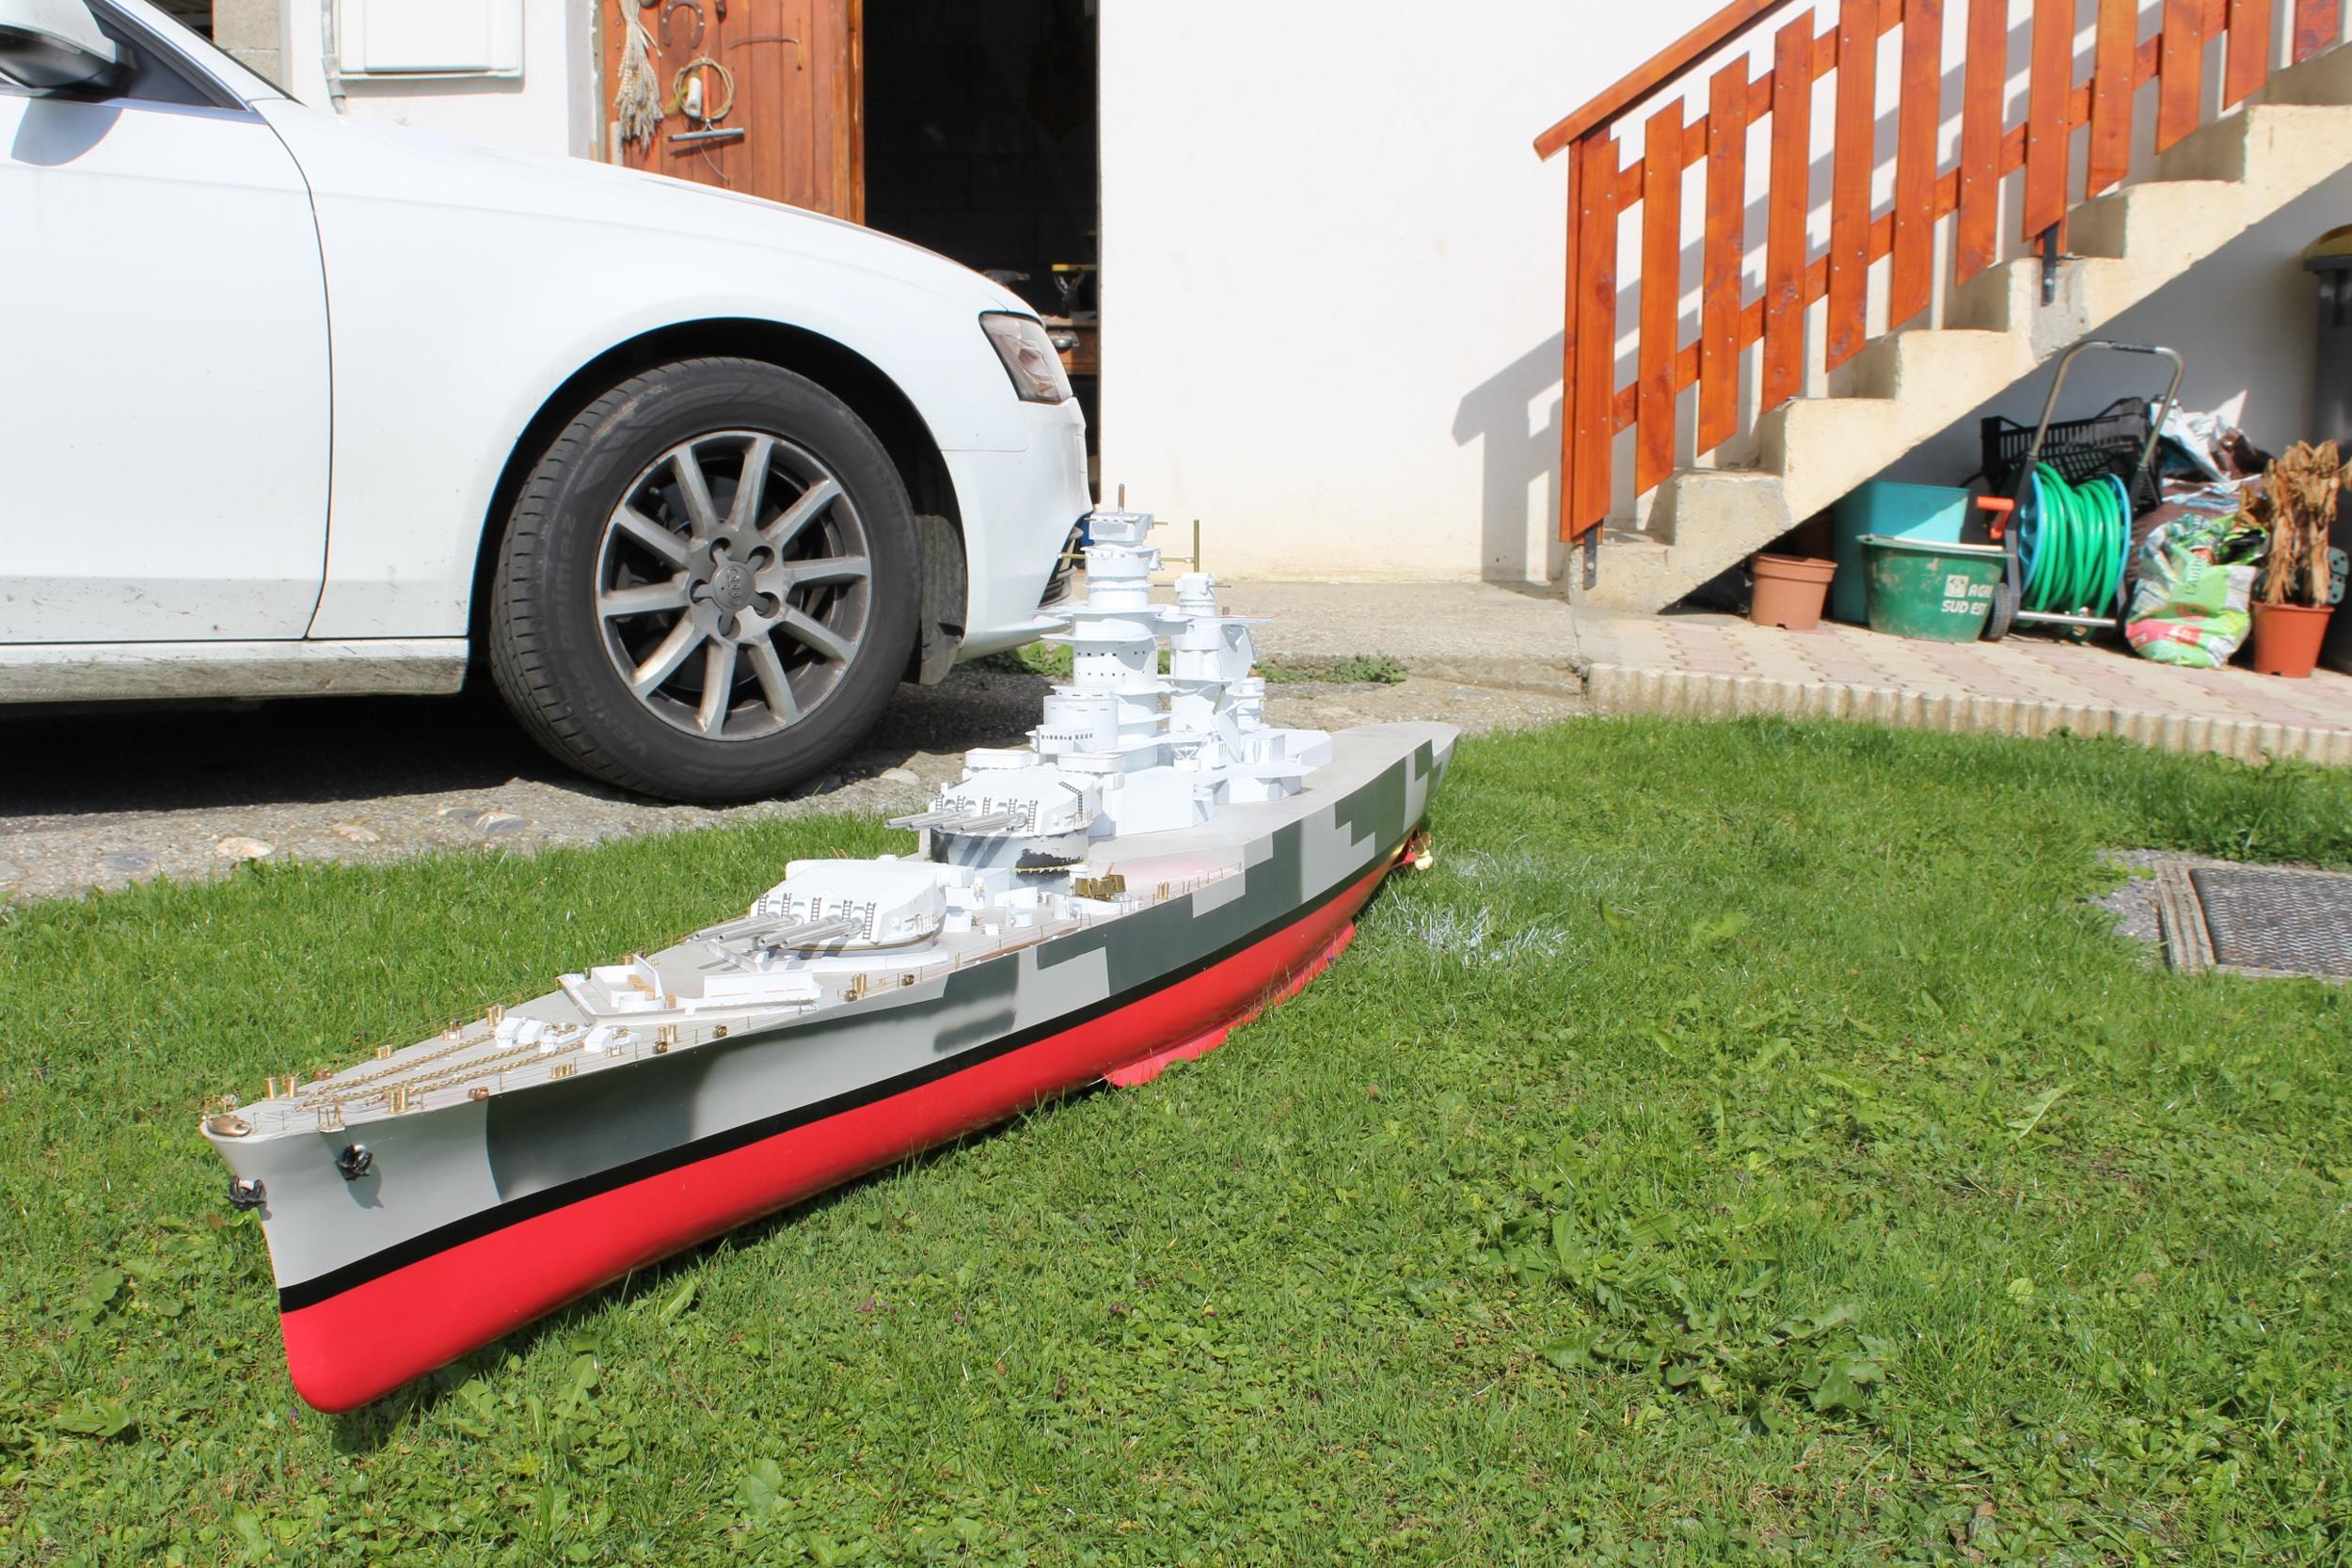 Cuirassé Richelieu 1/100 Vrsion 1943 sur plans Polonais et Sarnet + Dumas 576250IMG06312500x1667